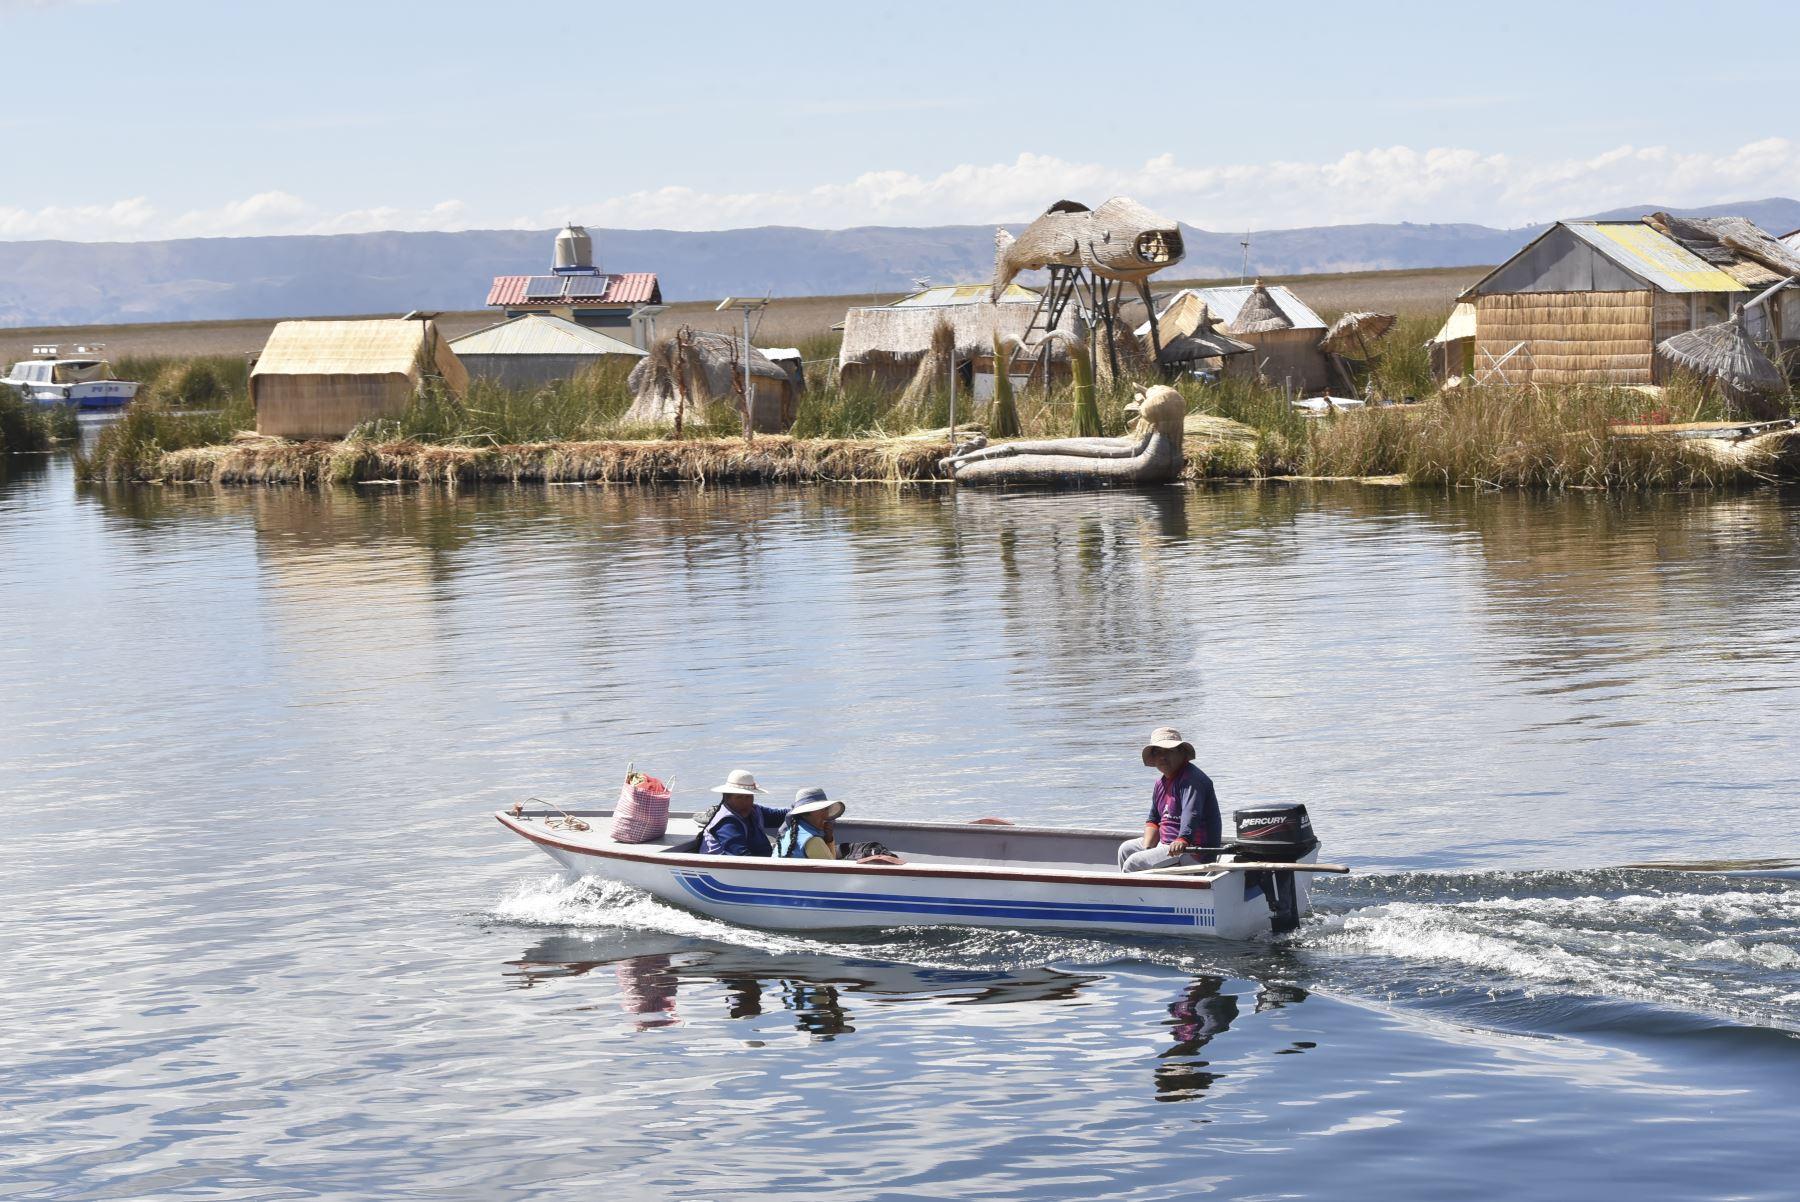 La PIAS Lago Titicaca I, gestionada por el MIDIS, a través del Programa Nacional PAIS, zarpó de Puno con un primer lote de medio millar de vacunas contra el COVID – 19 del laboratorio AstraZeneca, las cuales serán entregadas en los establecimientos de salud de Taquile y Amantaní y posteriormente aplicadas a adultos mayores y personas de riesgo de las islas. Foto: ANDINA/MIDIS